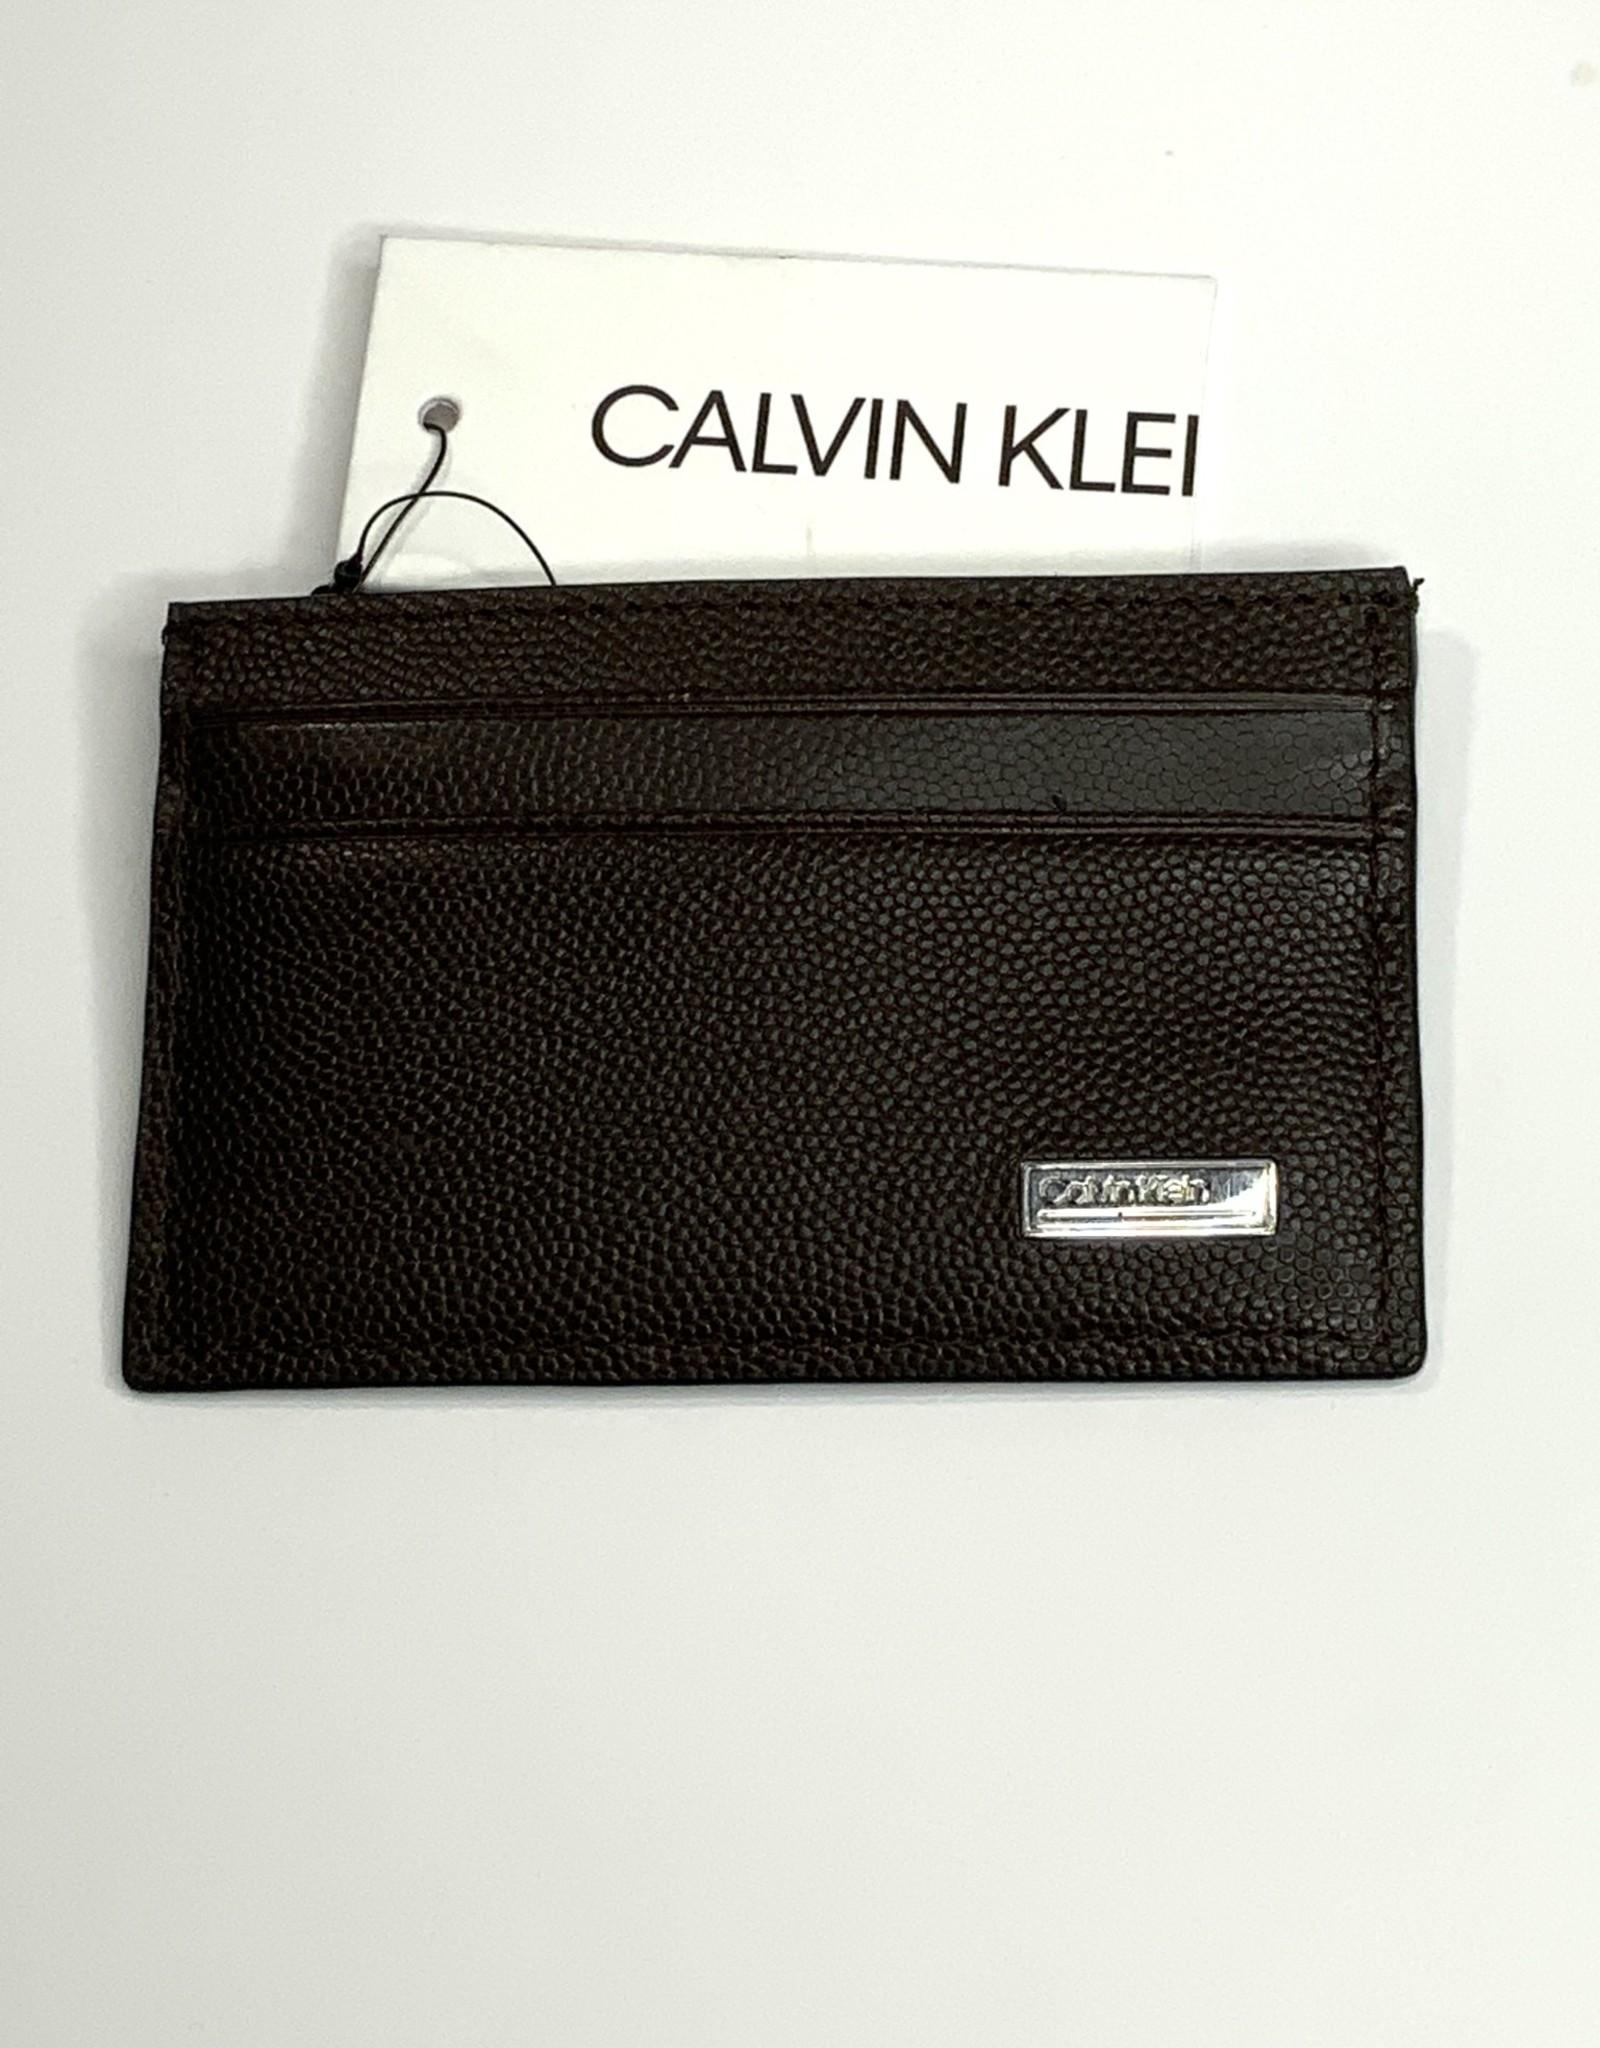 Calvin Klein Calvin Klein Card Case Caviar